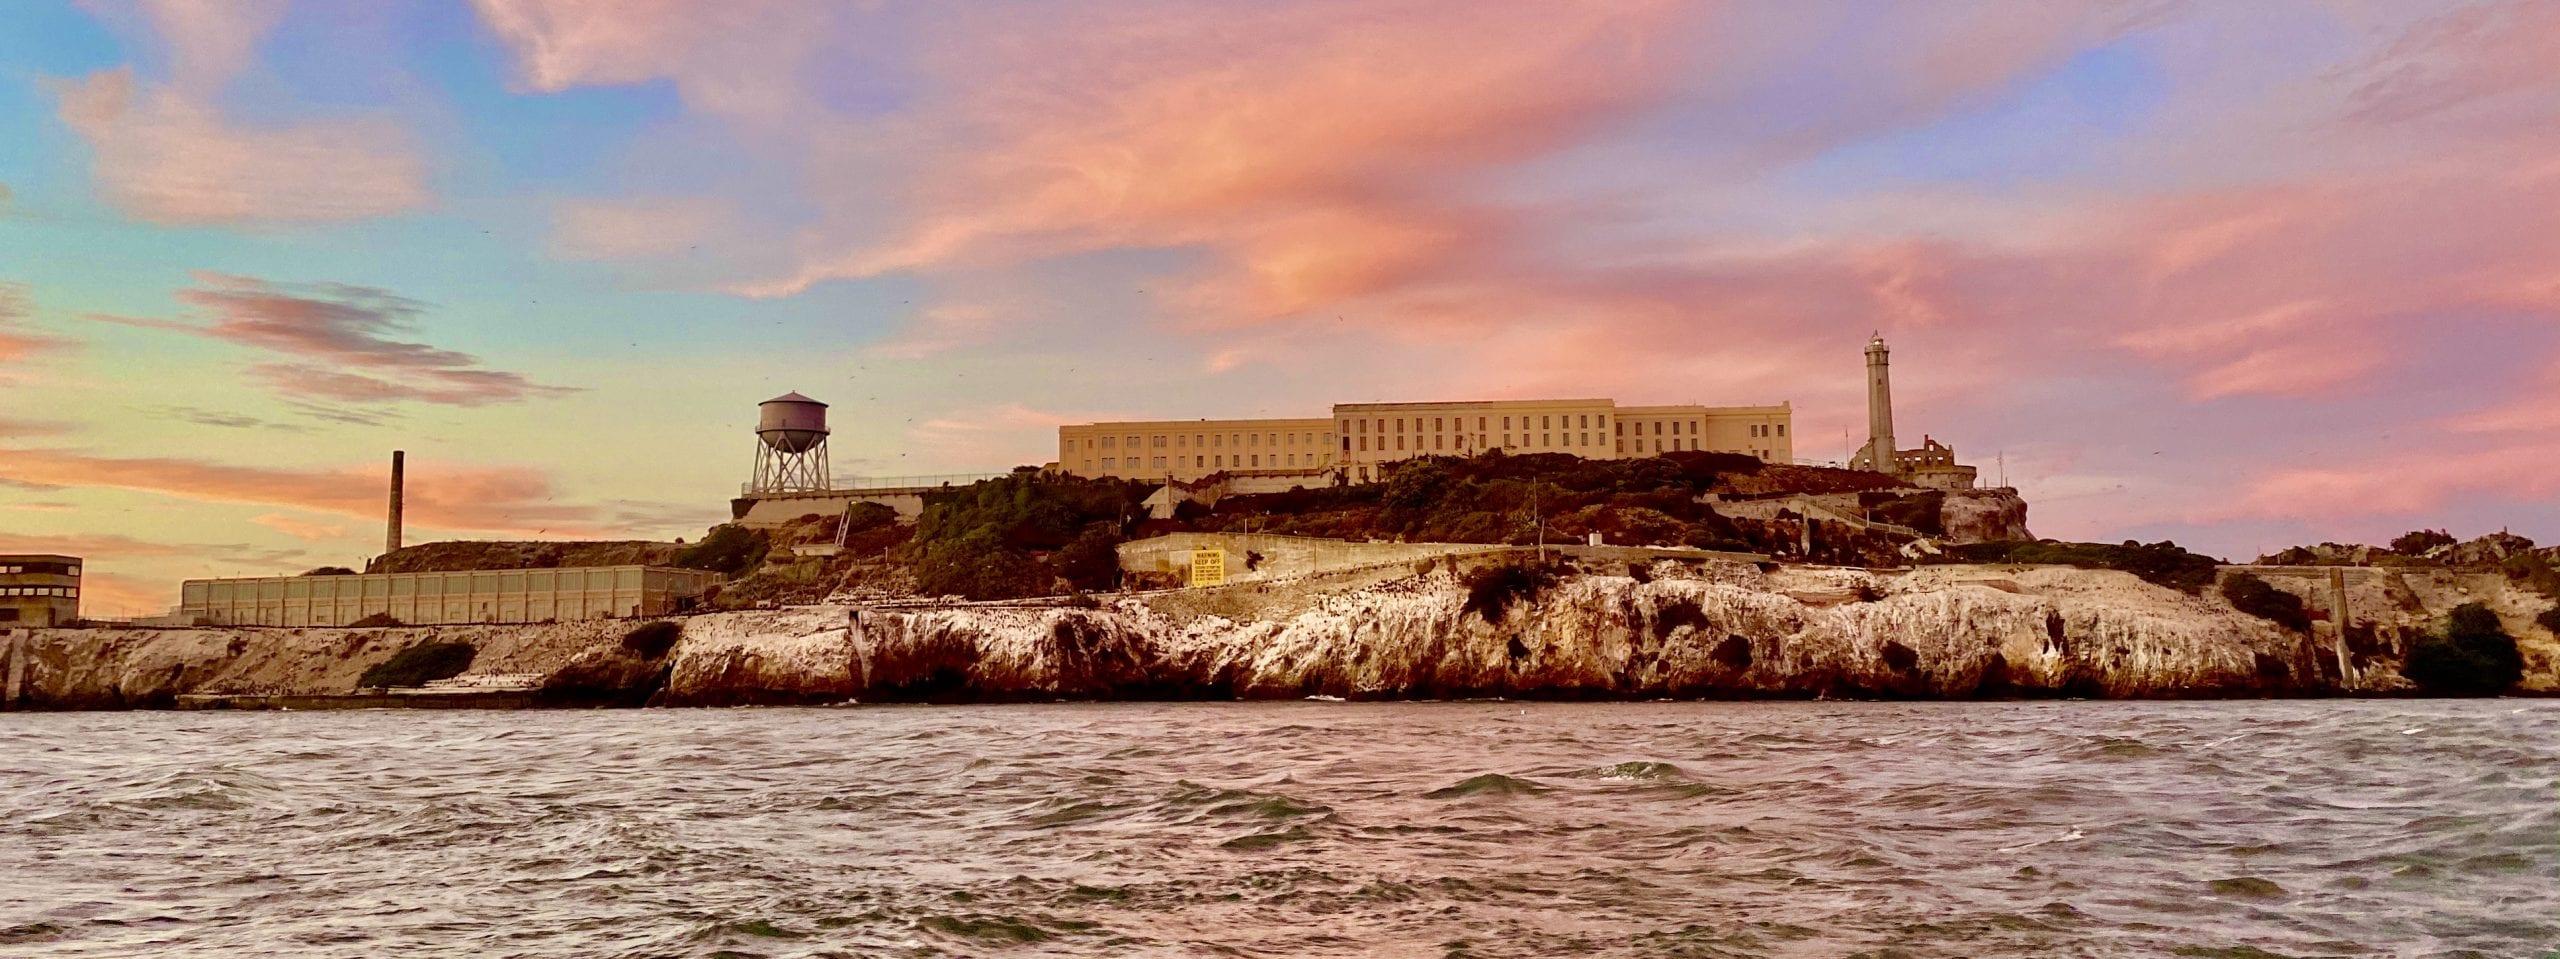 seavalor_alcatraz_island